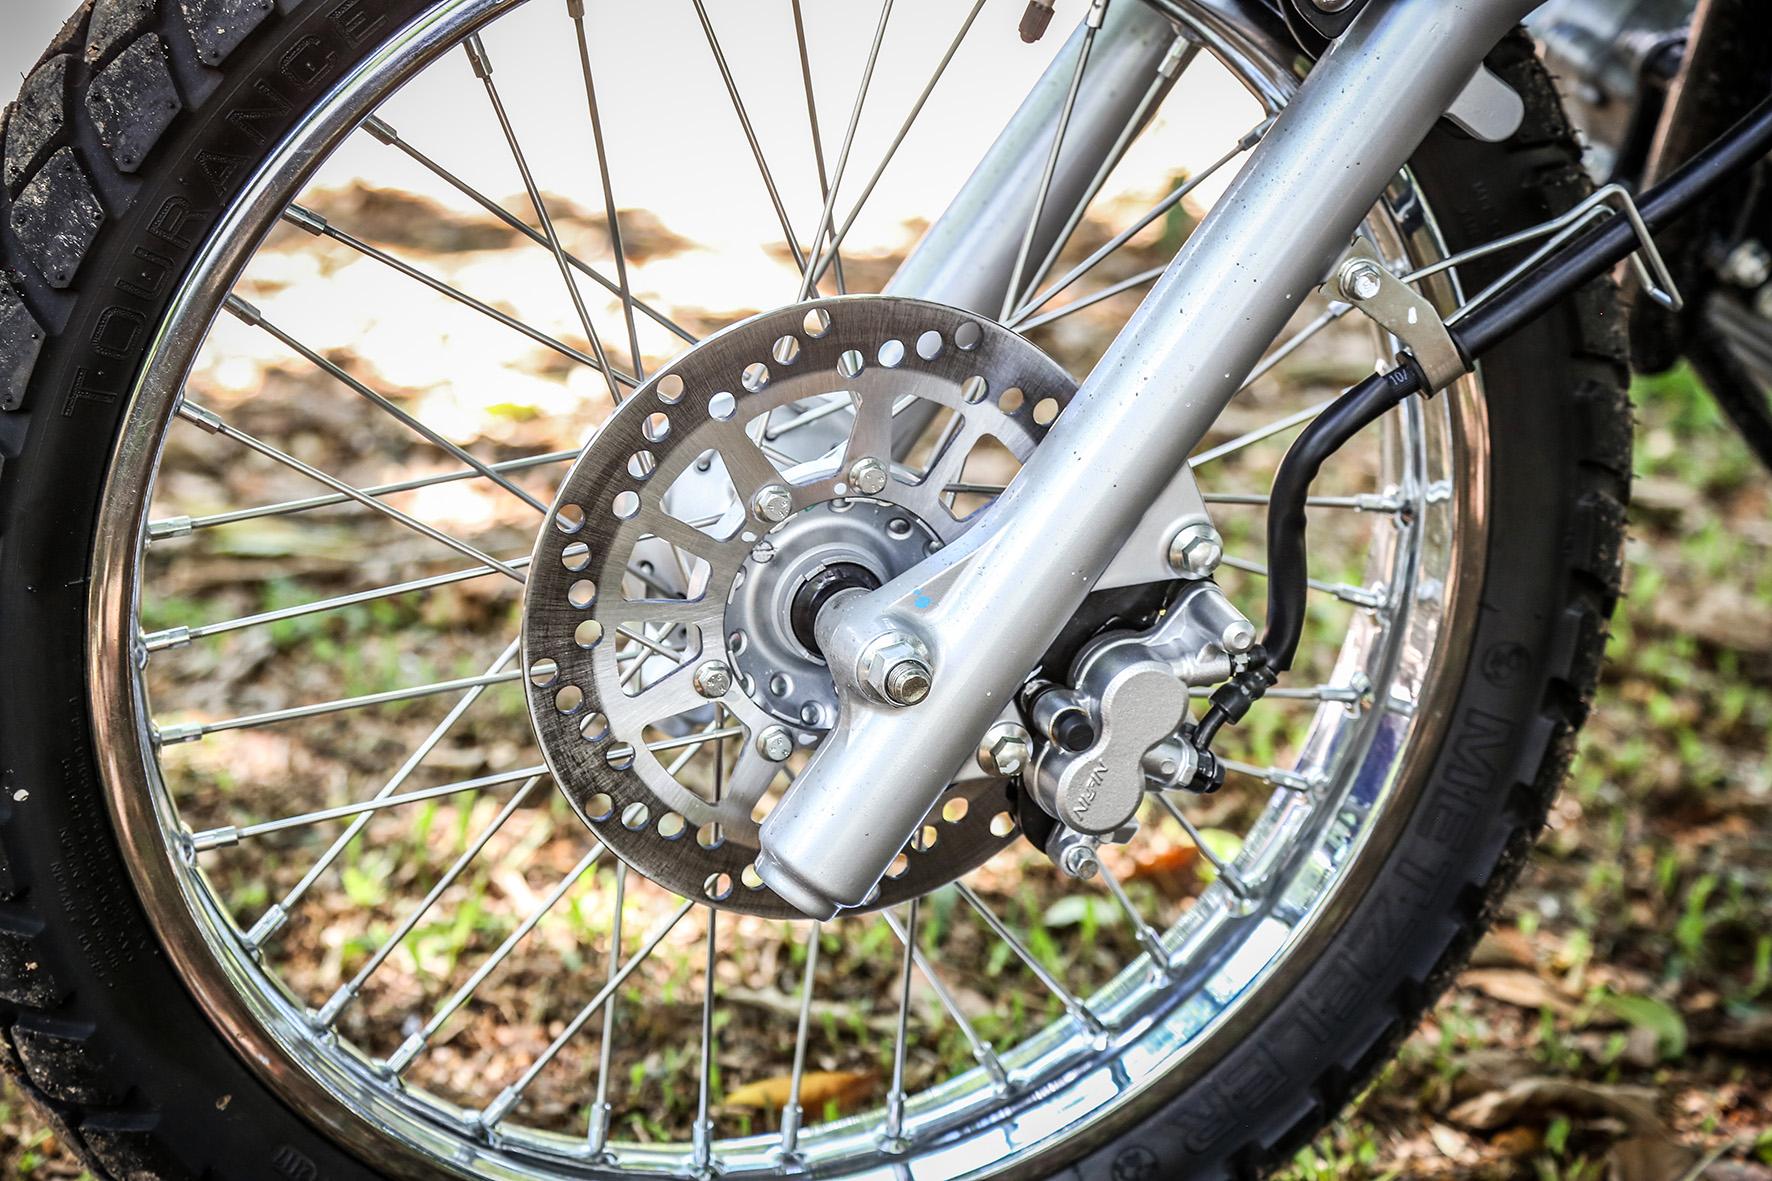 Na roda dianteira de 19 polegadas, o freio tem disco de 230 mm de diâmetro